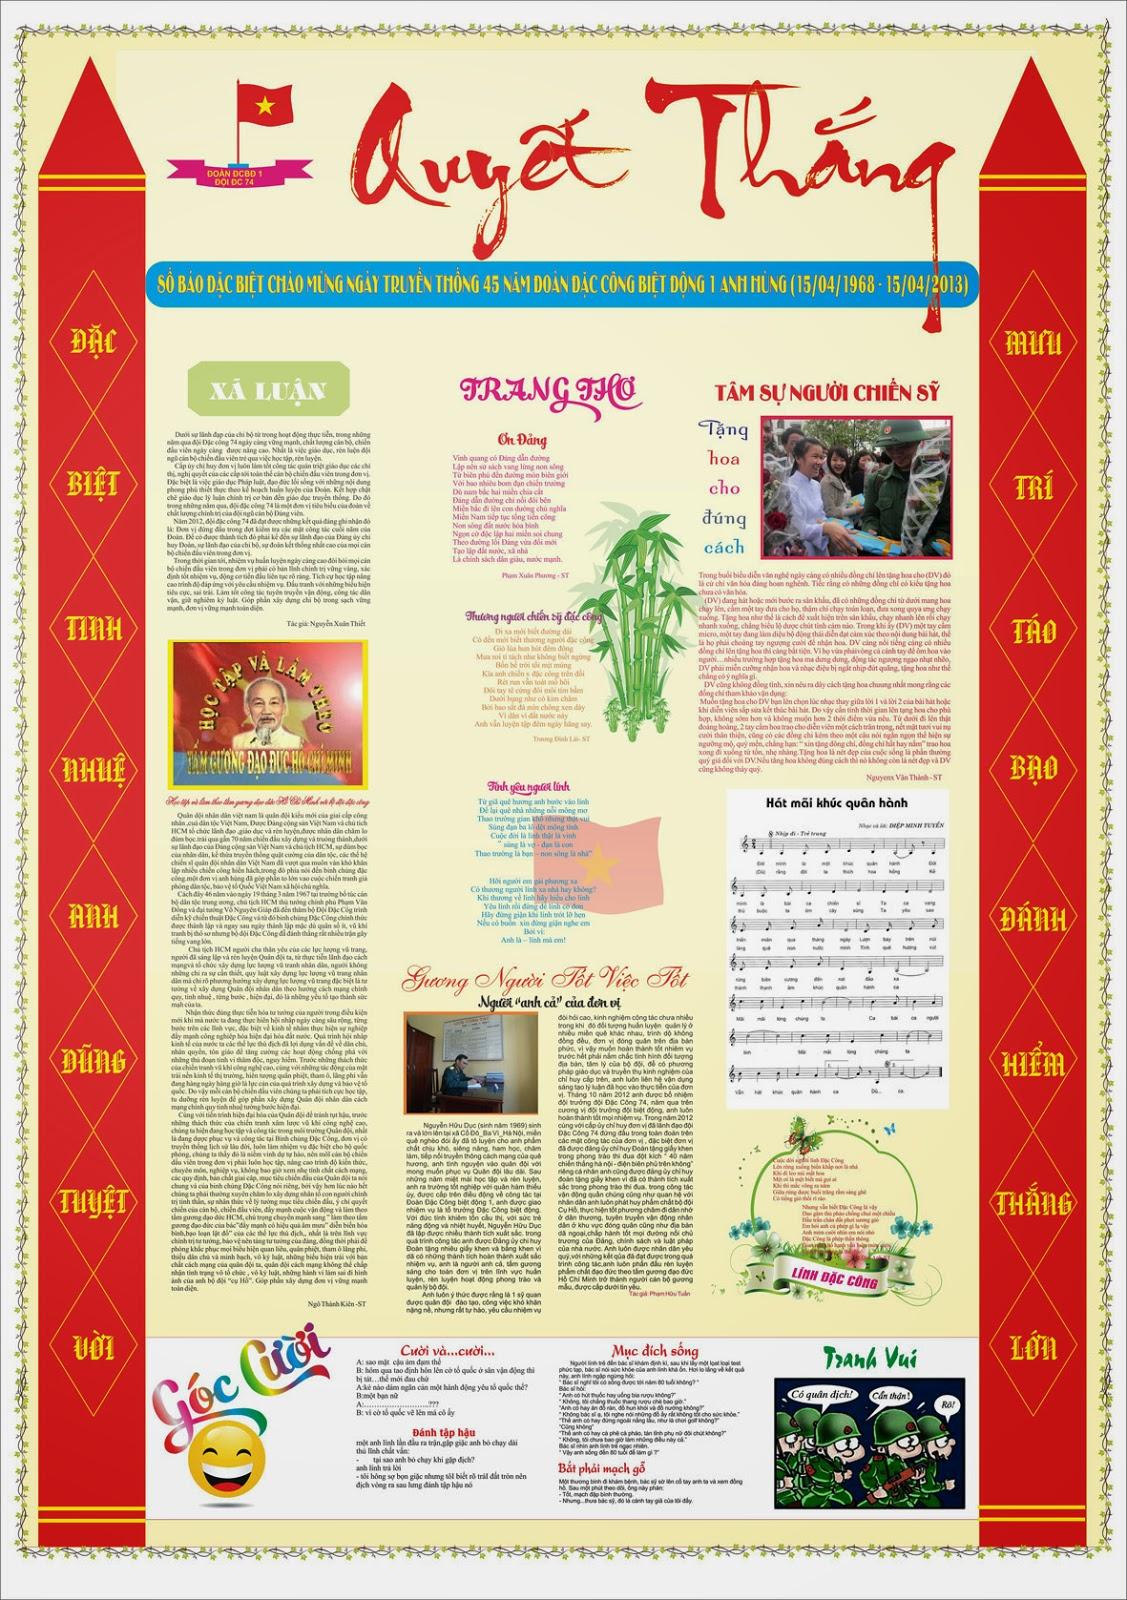 Hình ảnh mẫu trang trí báo tường Vững bước dưới cờ Đảng